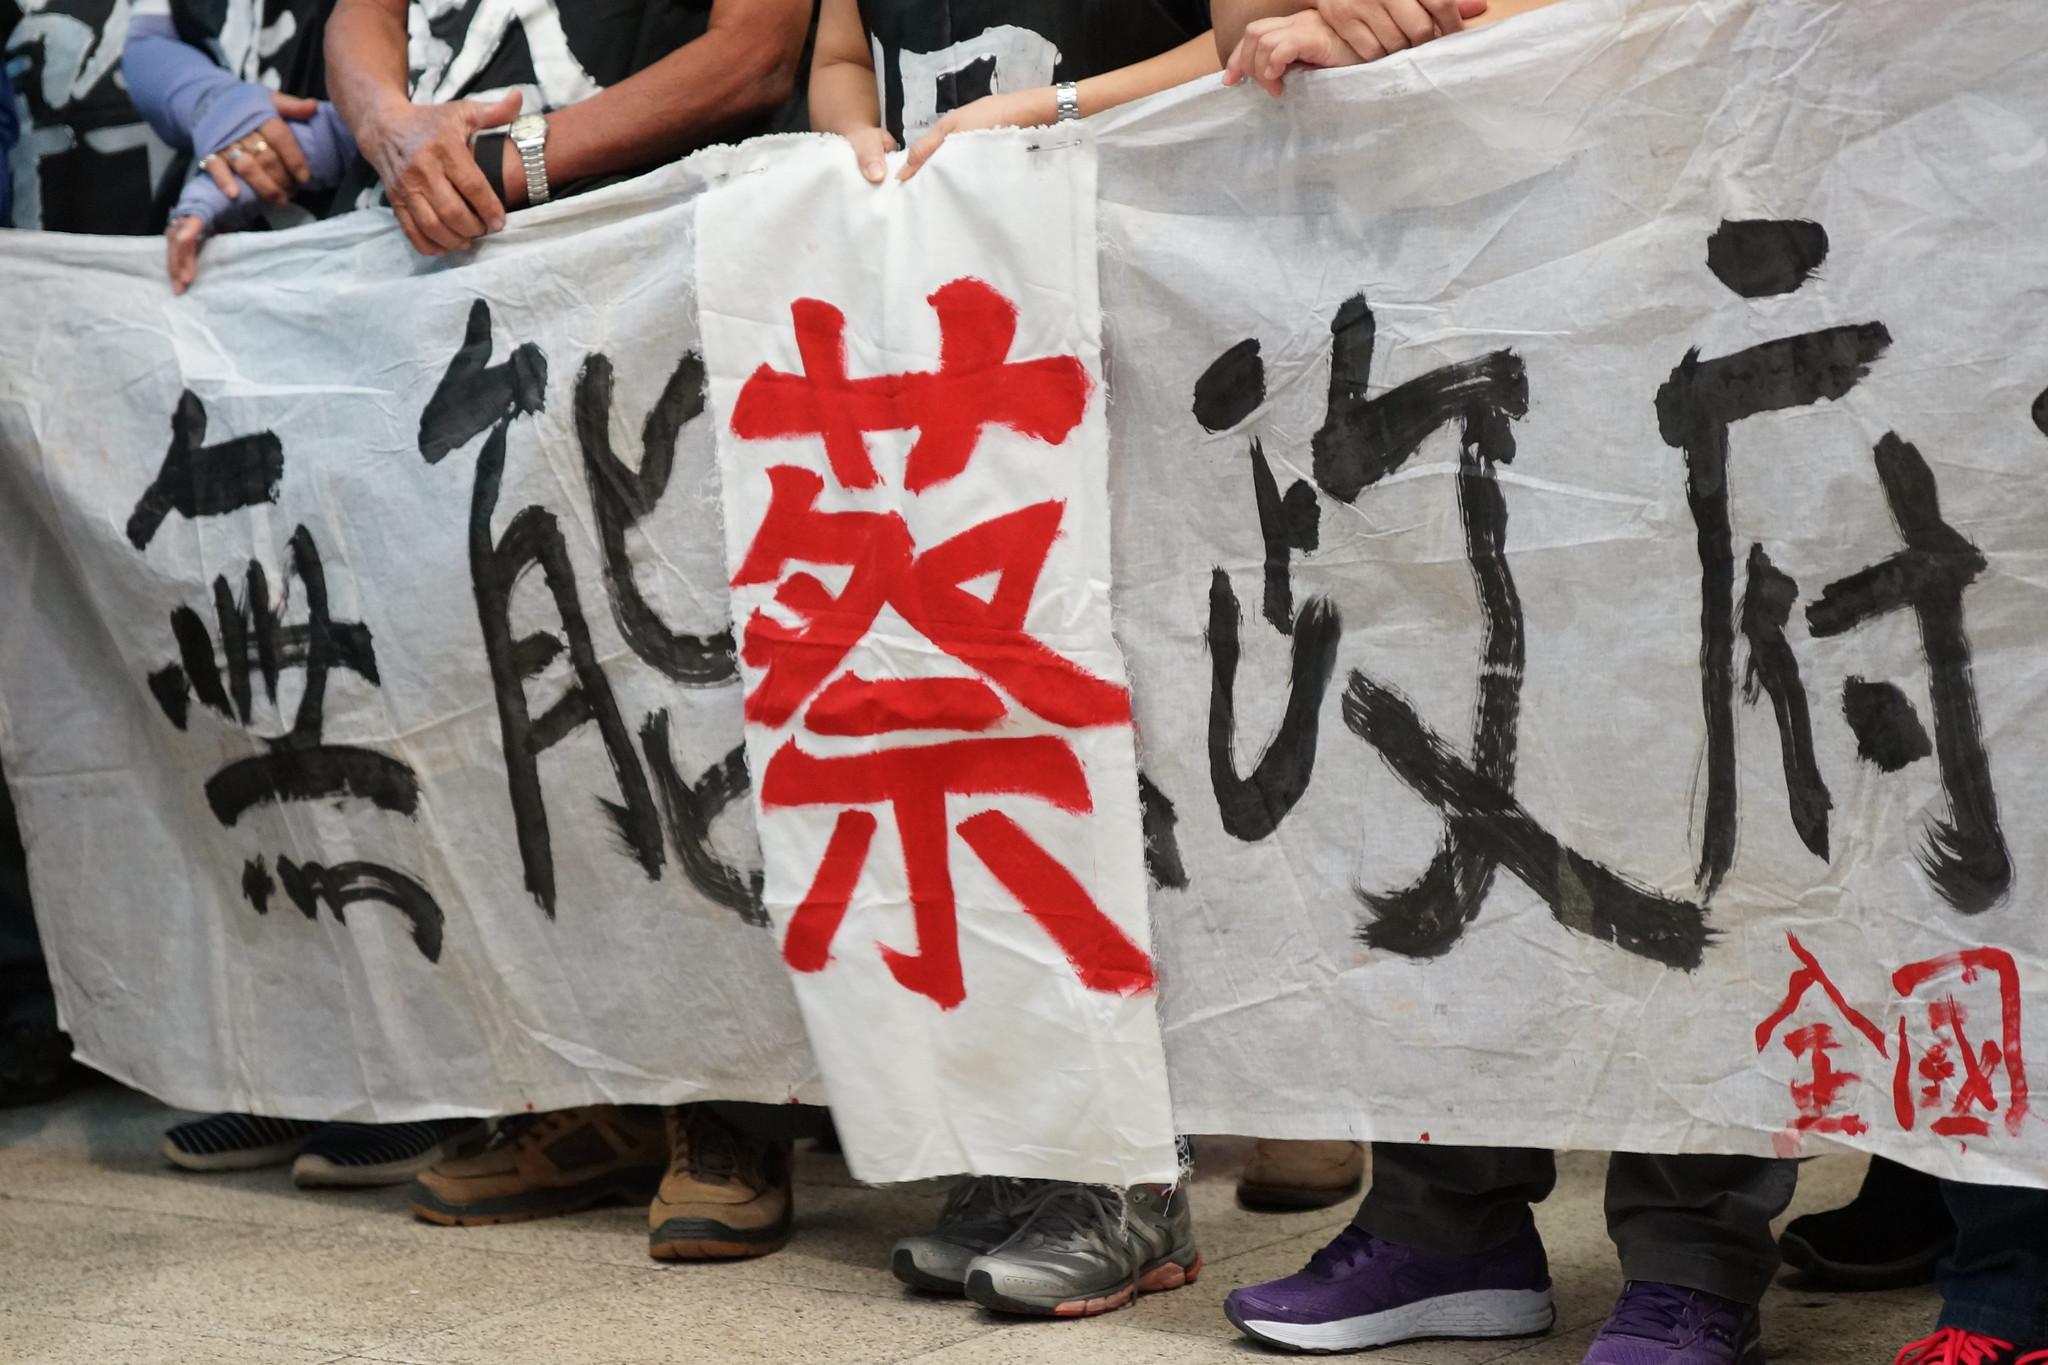 """全关连现场重新拉起当年抗争布条,并把""""马政府""""改为""""蔡政府"""",政权虽更迭,但对待工人运动的态度却很一致。(摄影:王颢中)"""